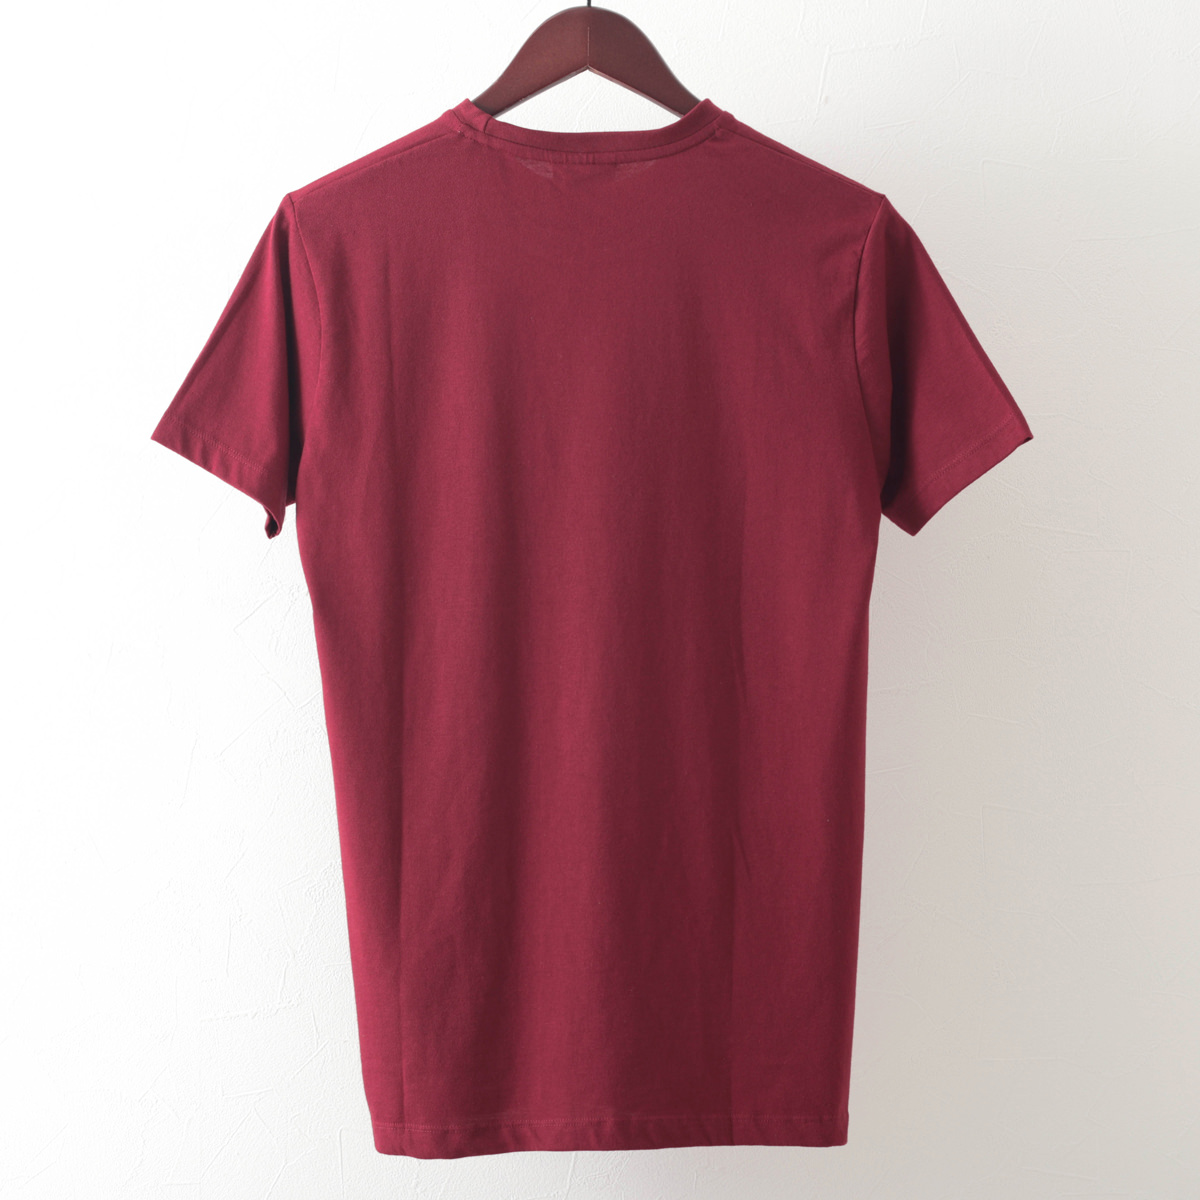 Tシャツ スクーターヘッドランプ 2色 バーガンディ オフホワイト モッズファッション メンズ Merc London メルクロンドン